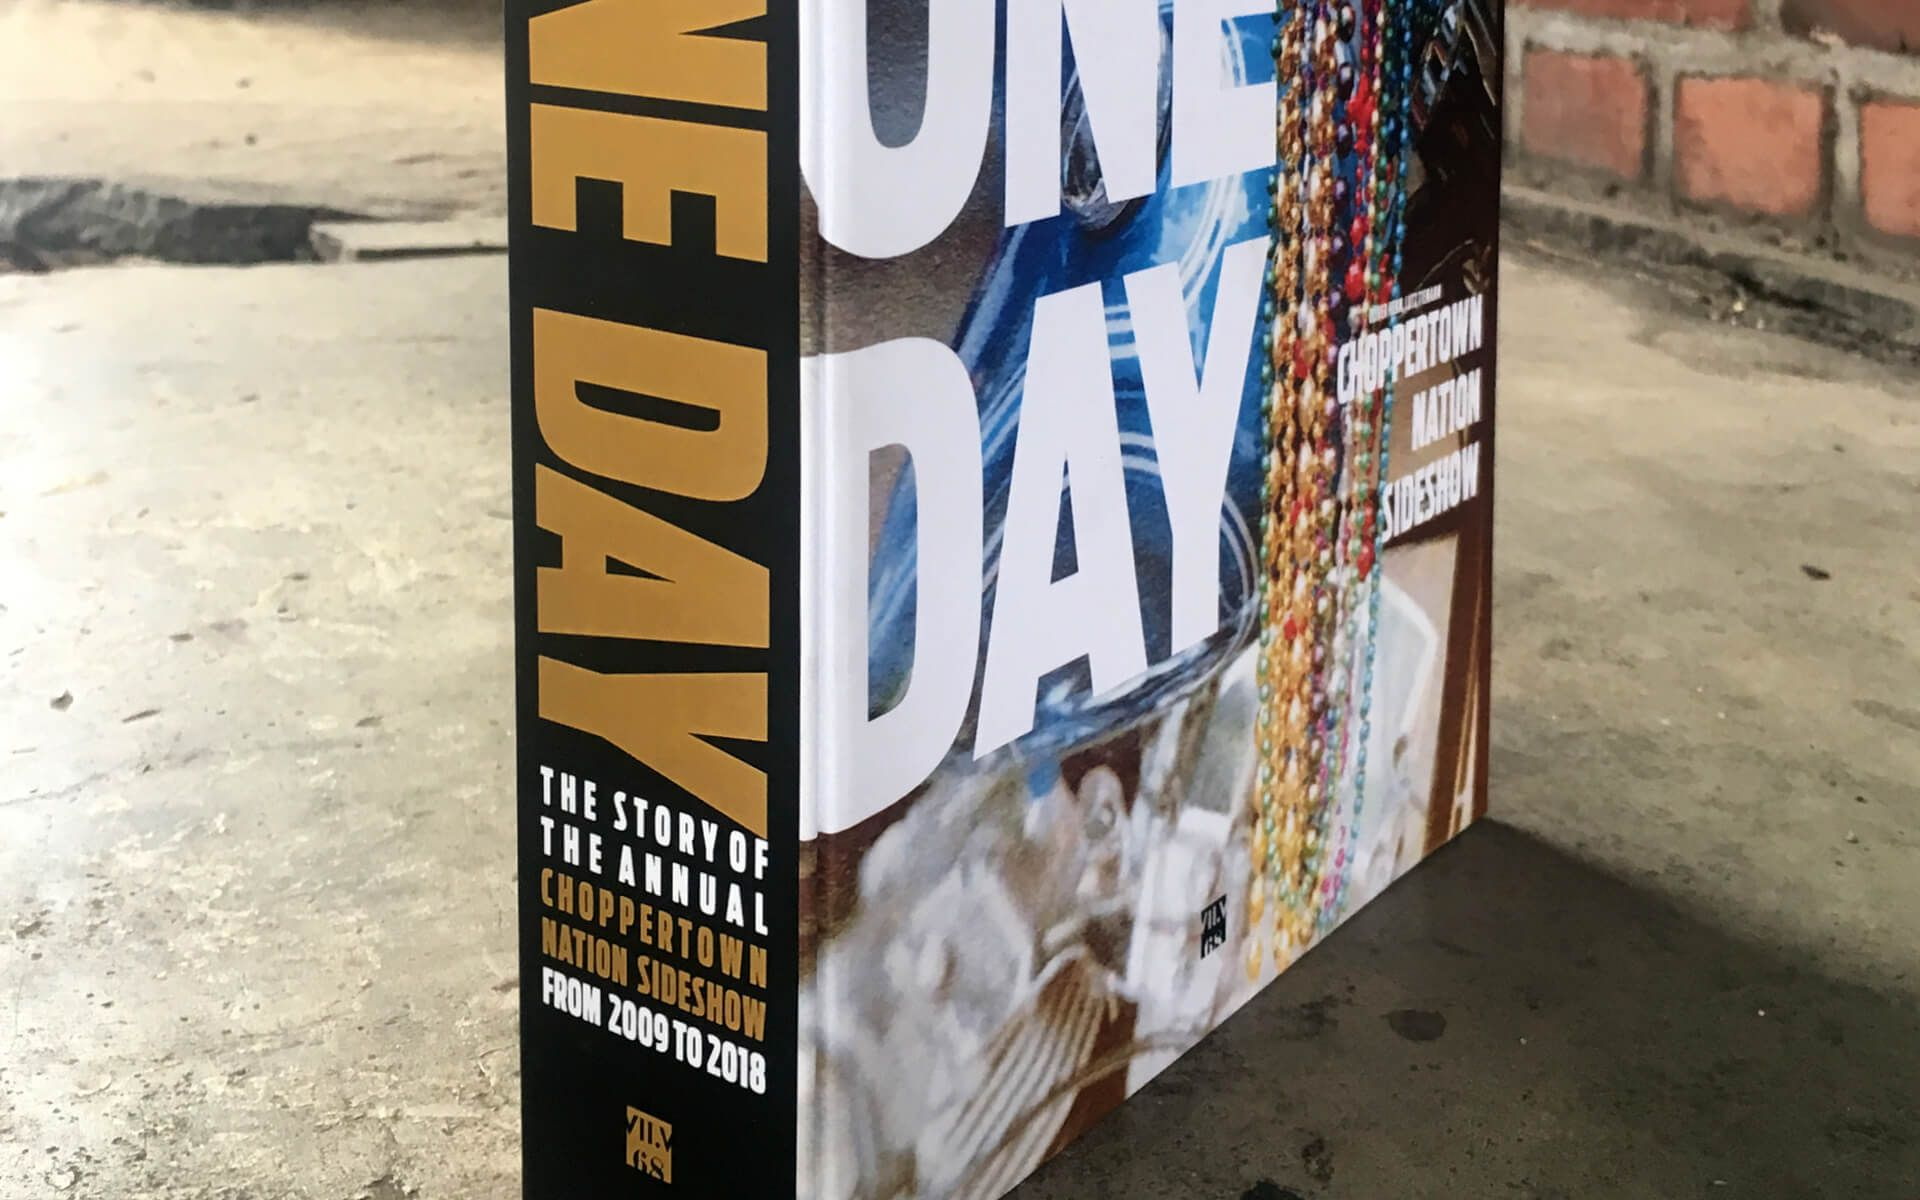 Titel, FOR ONE DAY – Choppertown Nation Sideshow, Kaldenkirchen, Buchgestaltung, Editorial Design